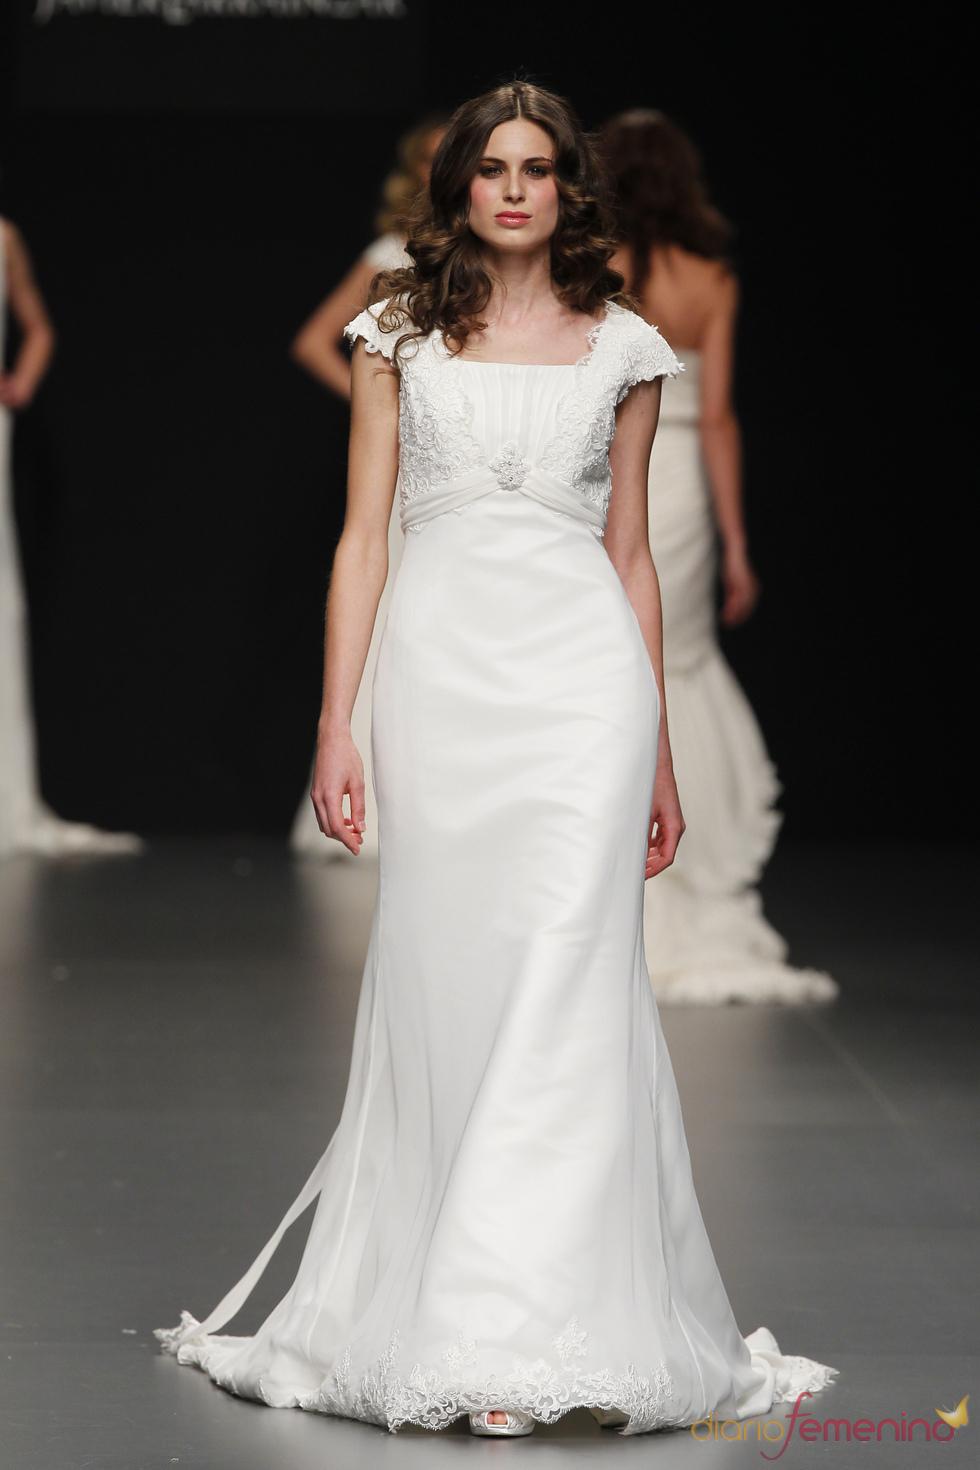 Vestido de novia clásico de Javier Larrainzar